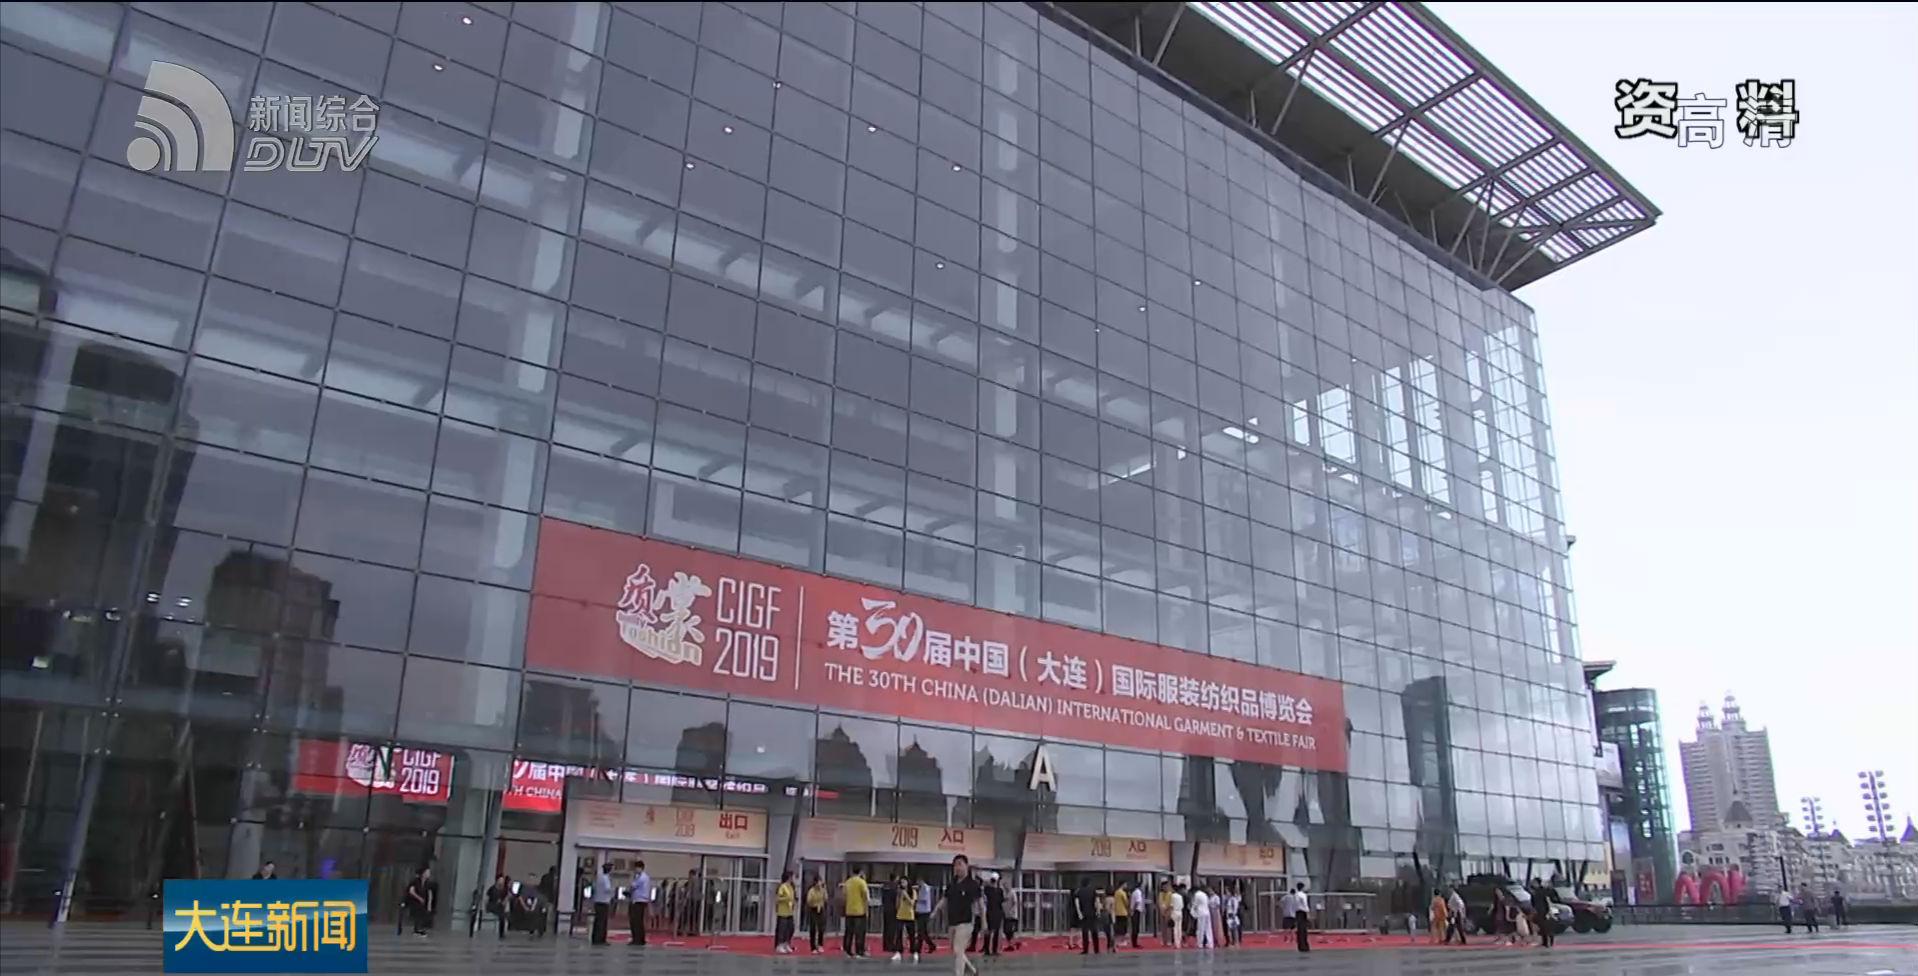 大連國際服博會19日盛裝啟幕